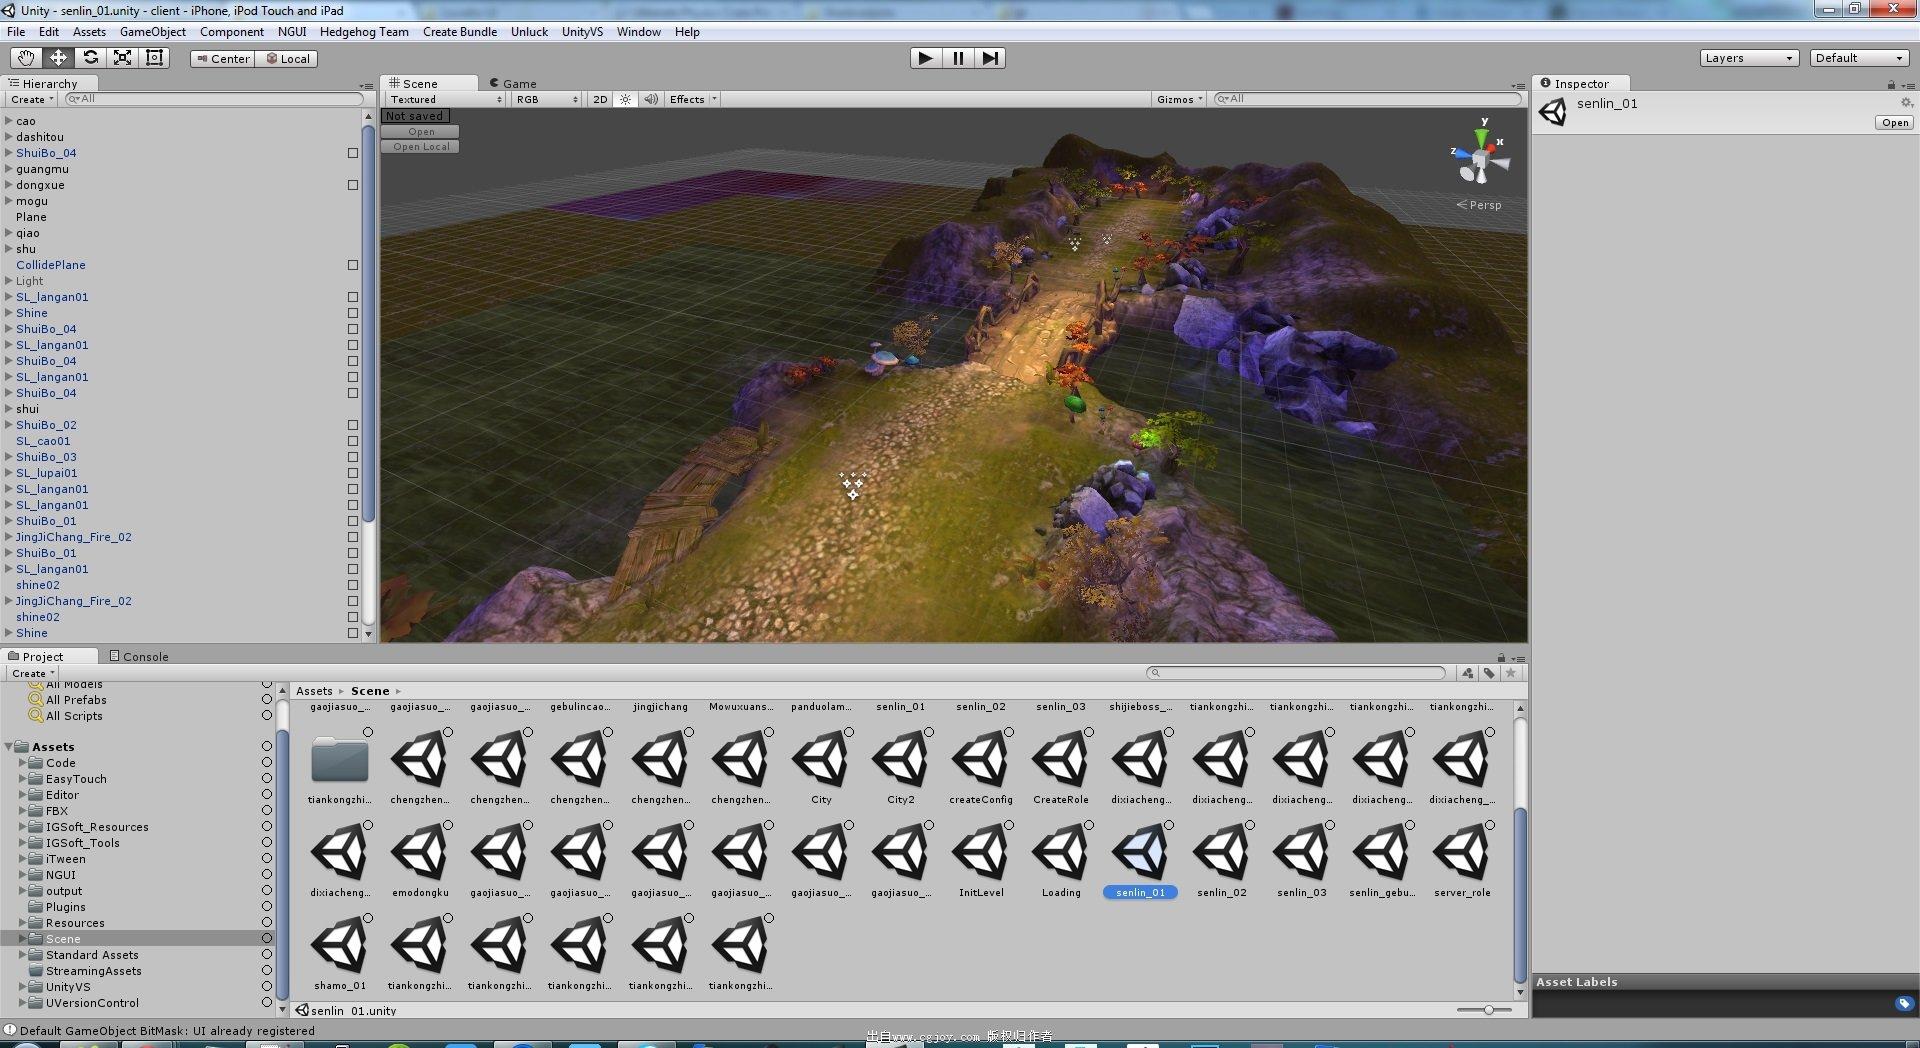 次世代梦幻卡通场景素材 全套资源3D Unity手游 Q版资料参考